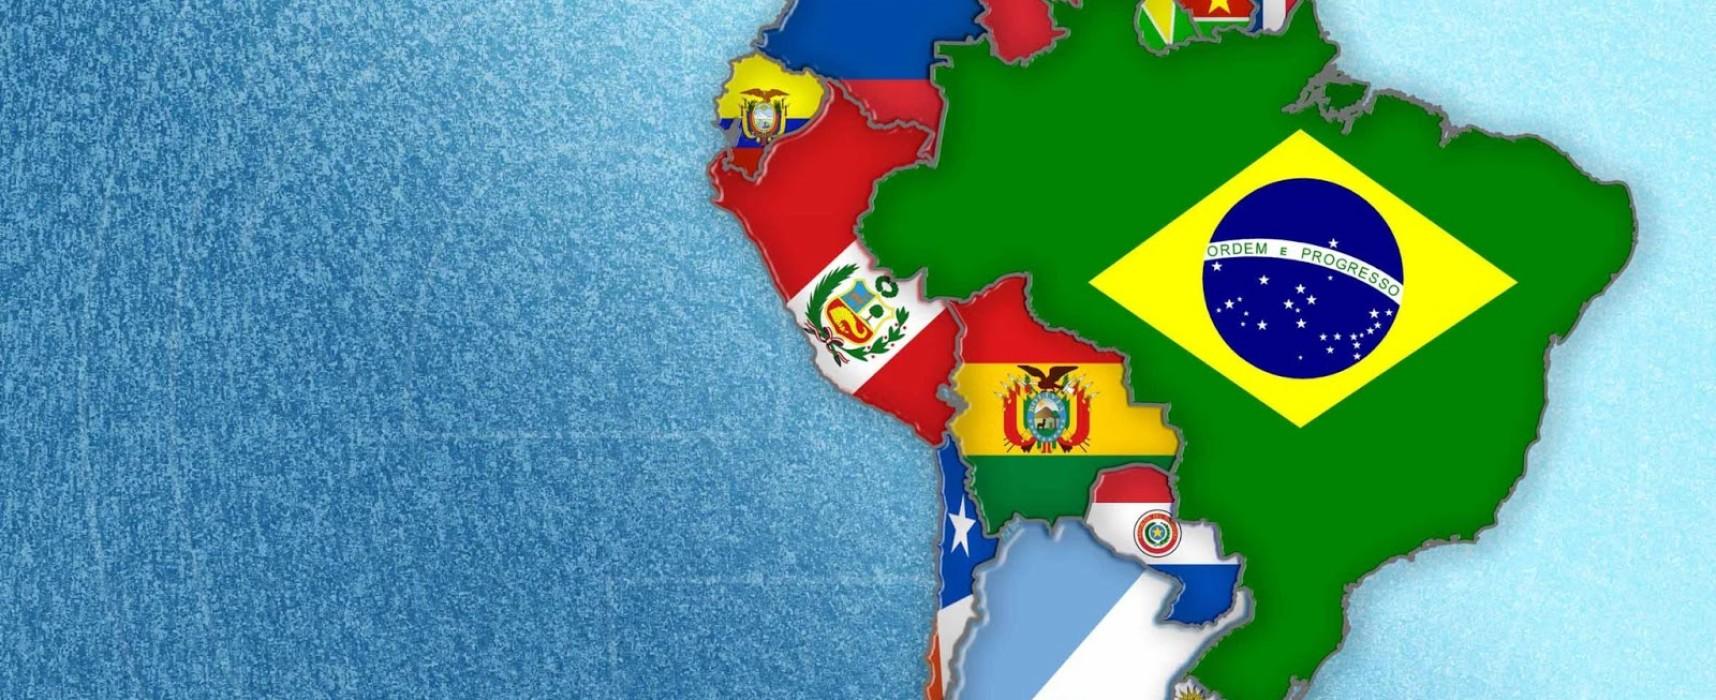 Rusia: América Latina será uno de los pilares del nuevo orden mundial